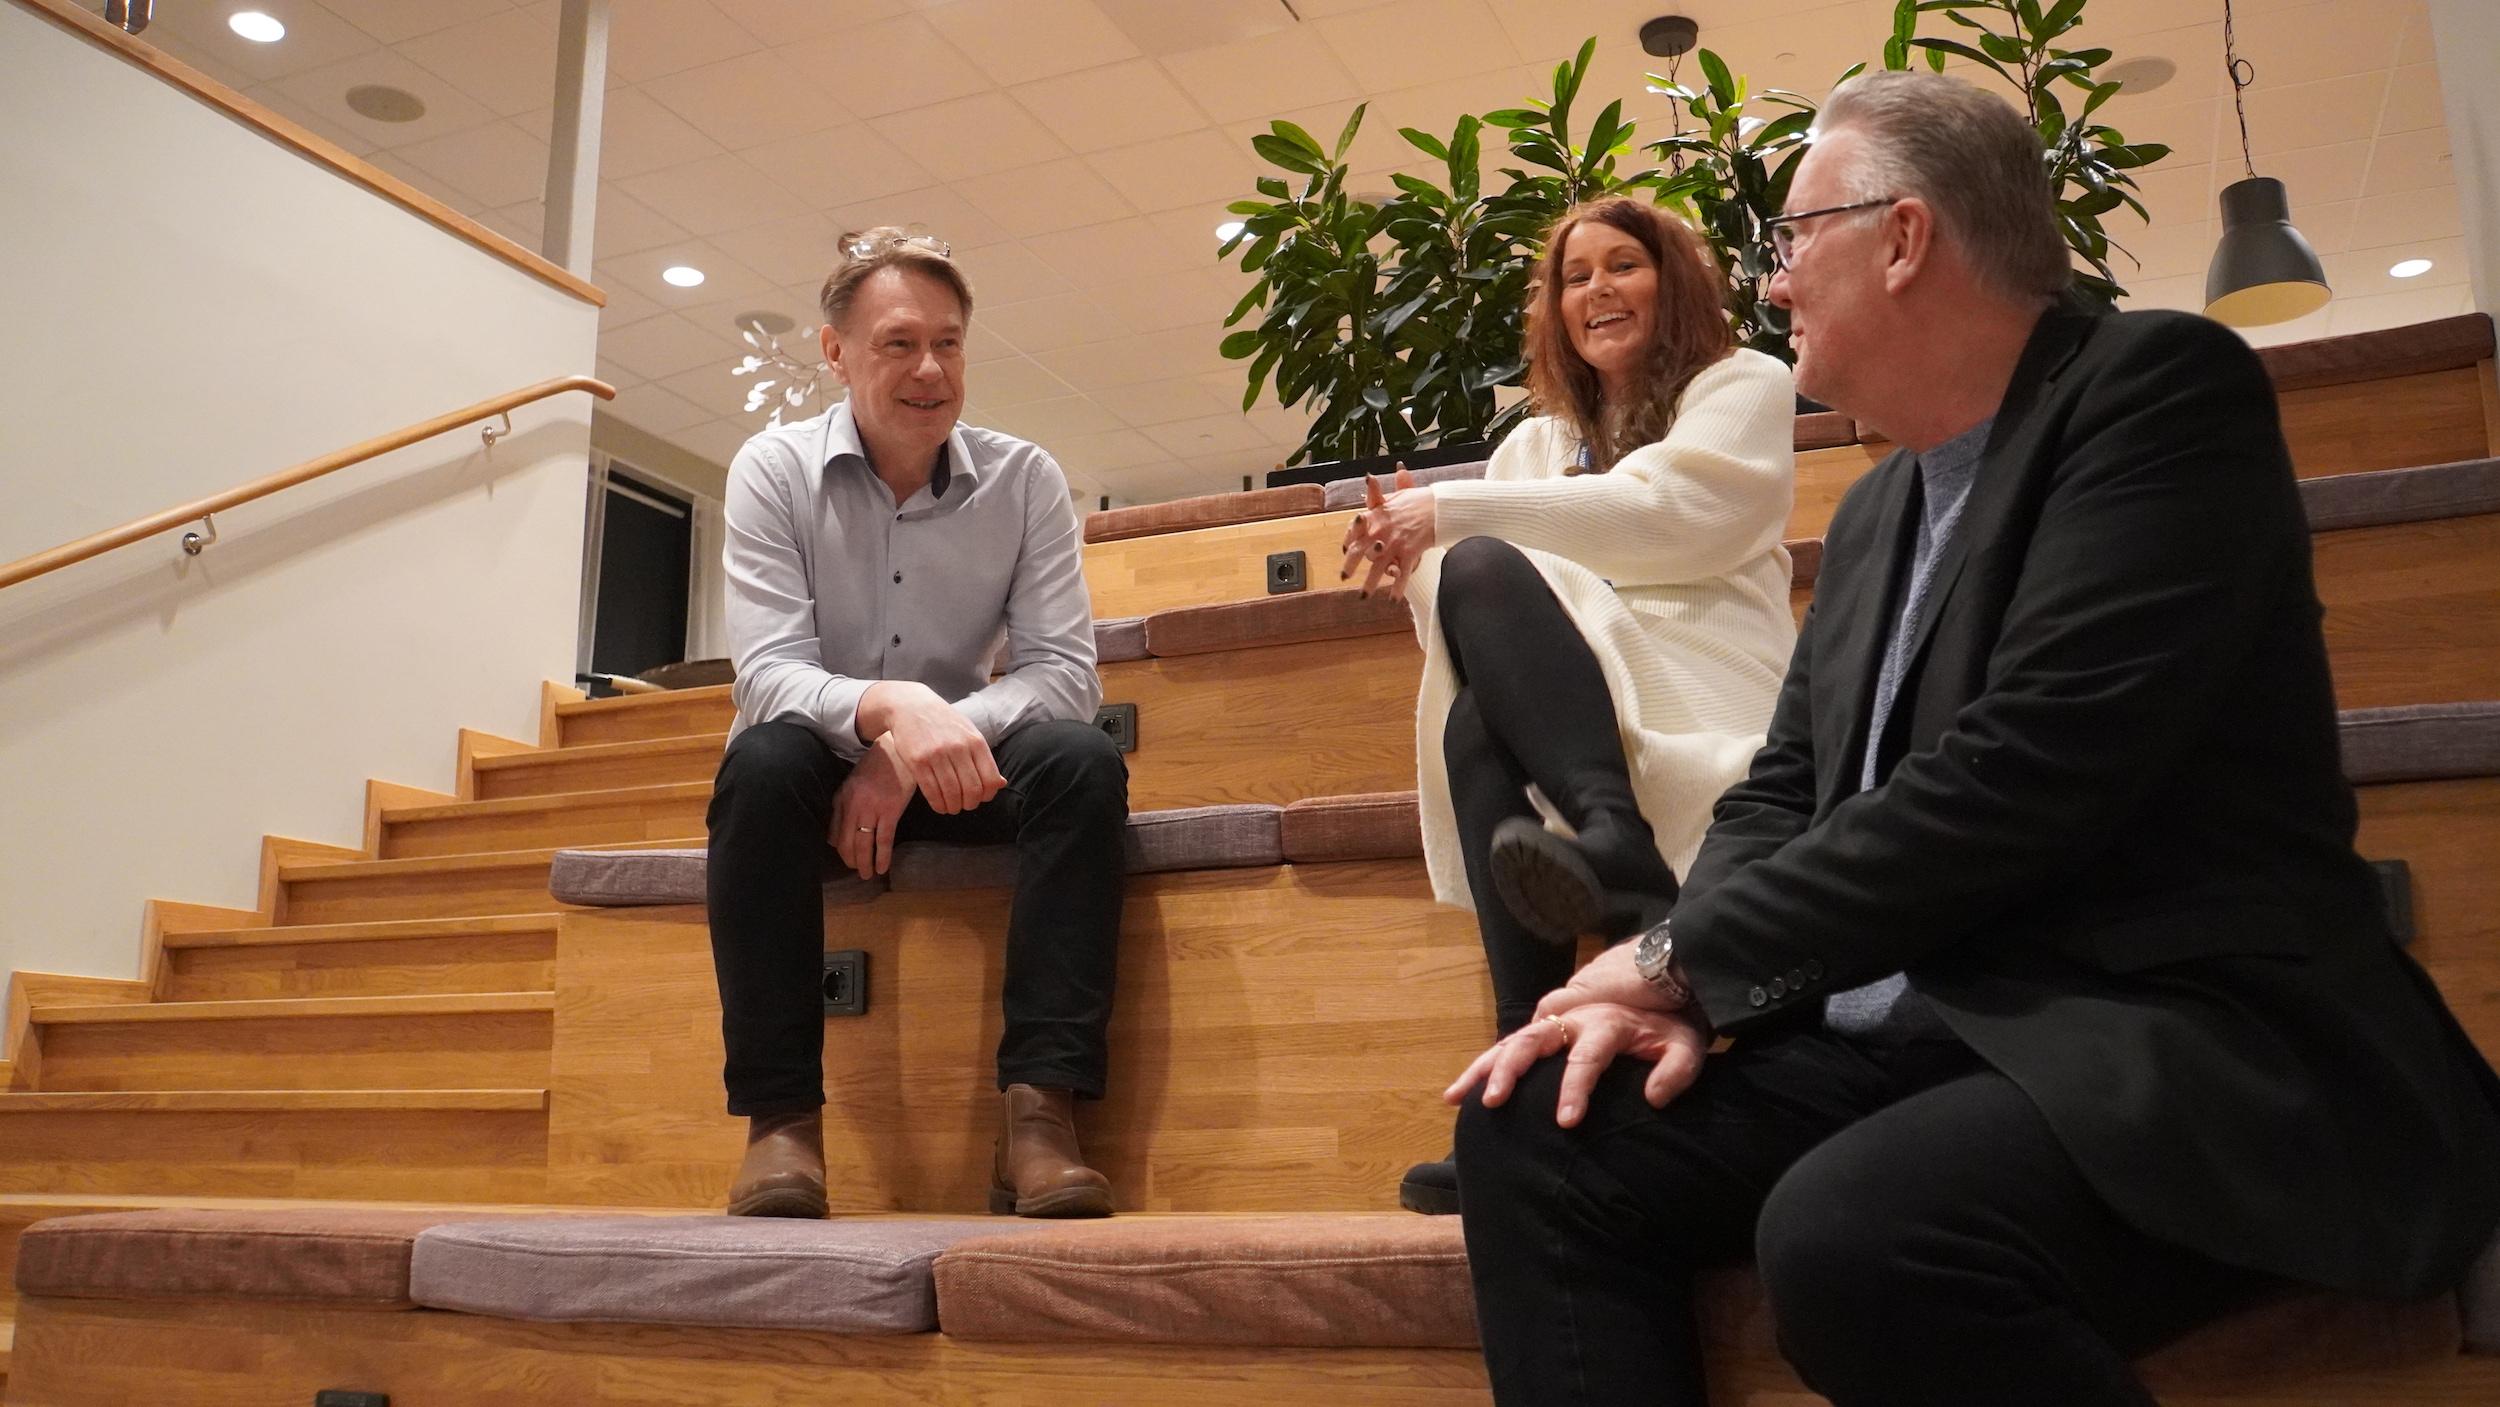 Kvalitetsutvecklaren Jörgen Brokås, Wivecka Ljungh och Mikael Källqvist, vd. i sina nya lokaler i Västerås gamla gasverksområde.